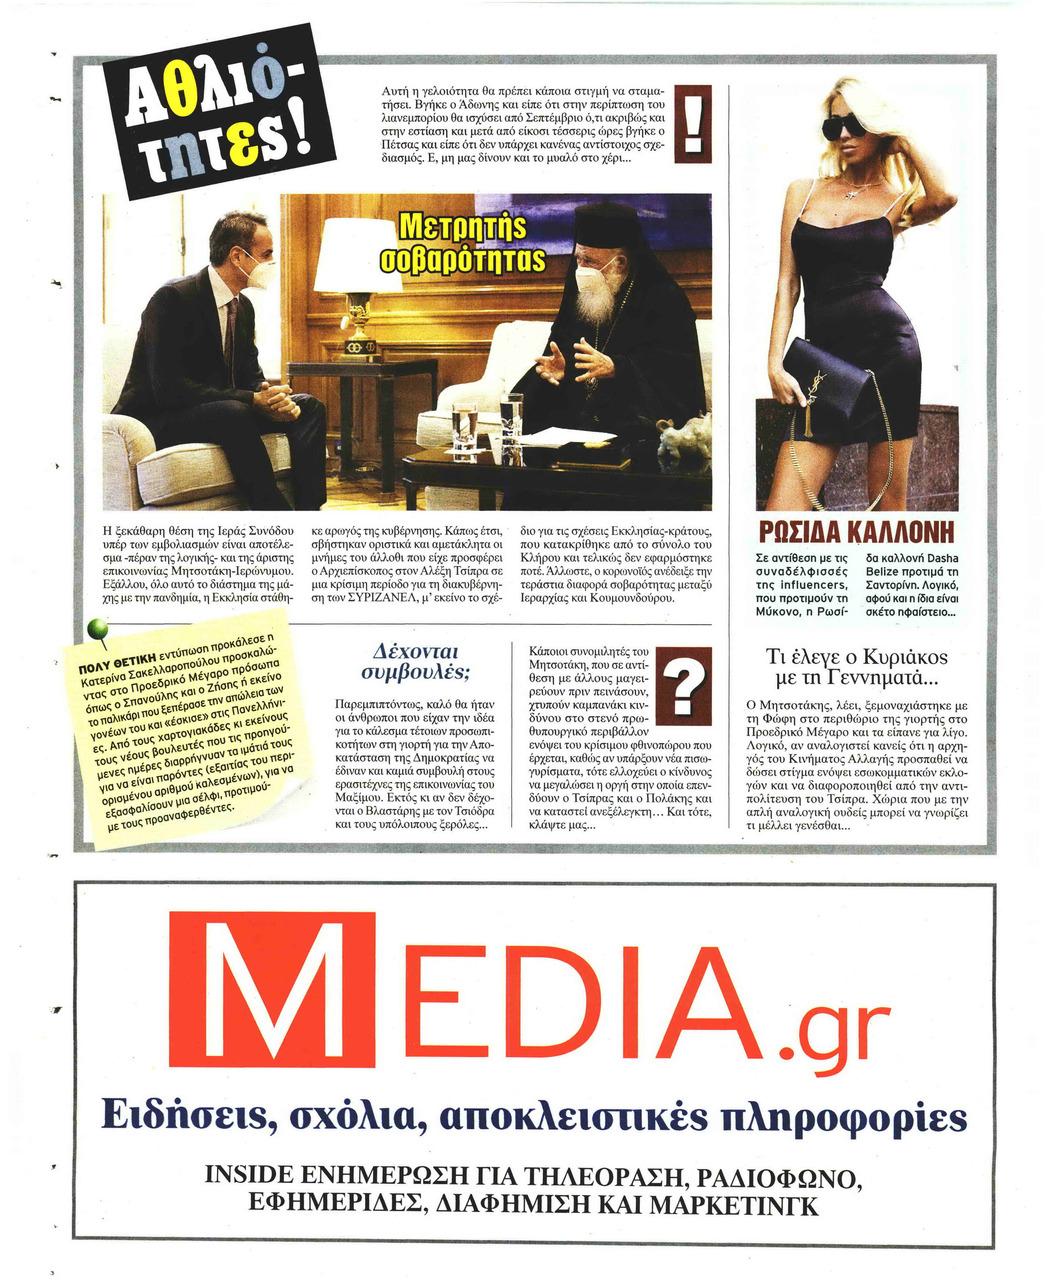 Οπισθόφυλλο εφημερίδας On time